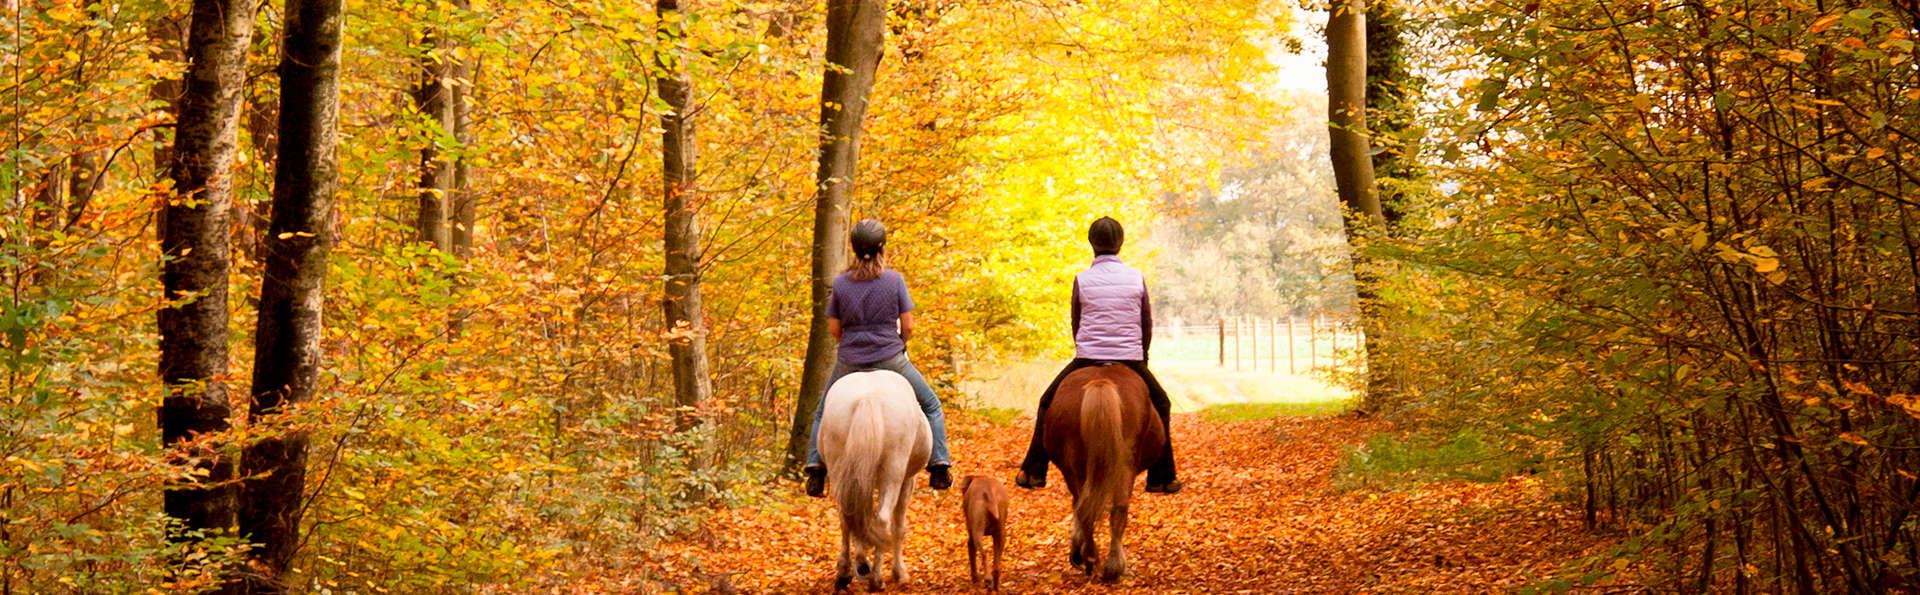 Week-end en famille avec balade à cheval et fondue dans les Ardennes (4 personnes incluses)